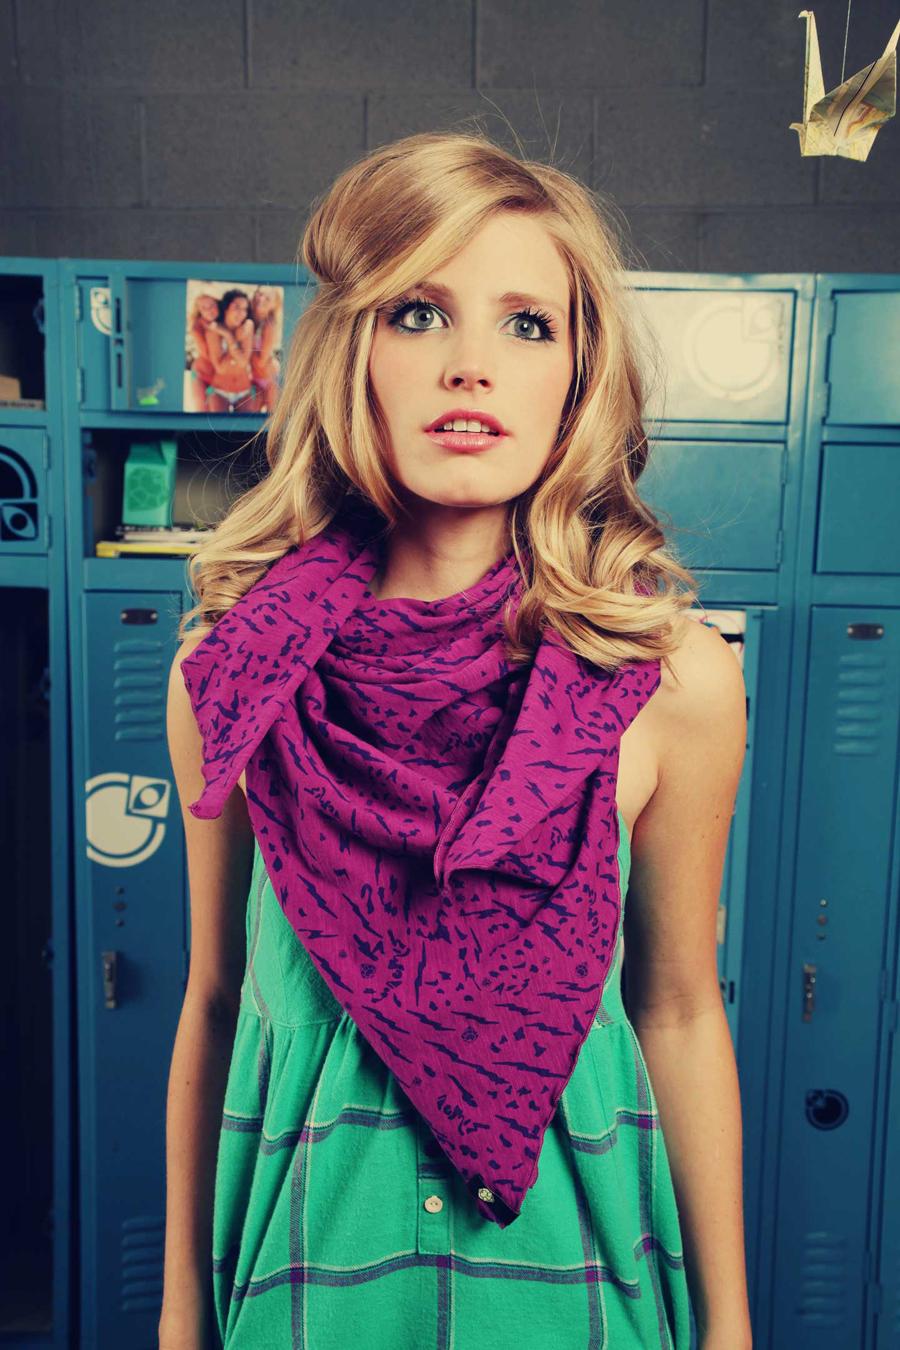 BrokenScarf_7312.jpg